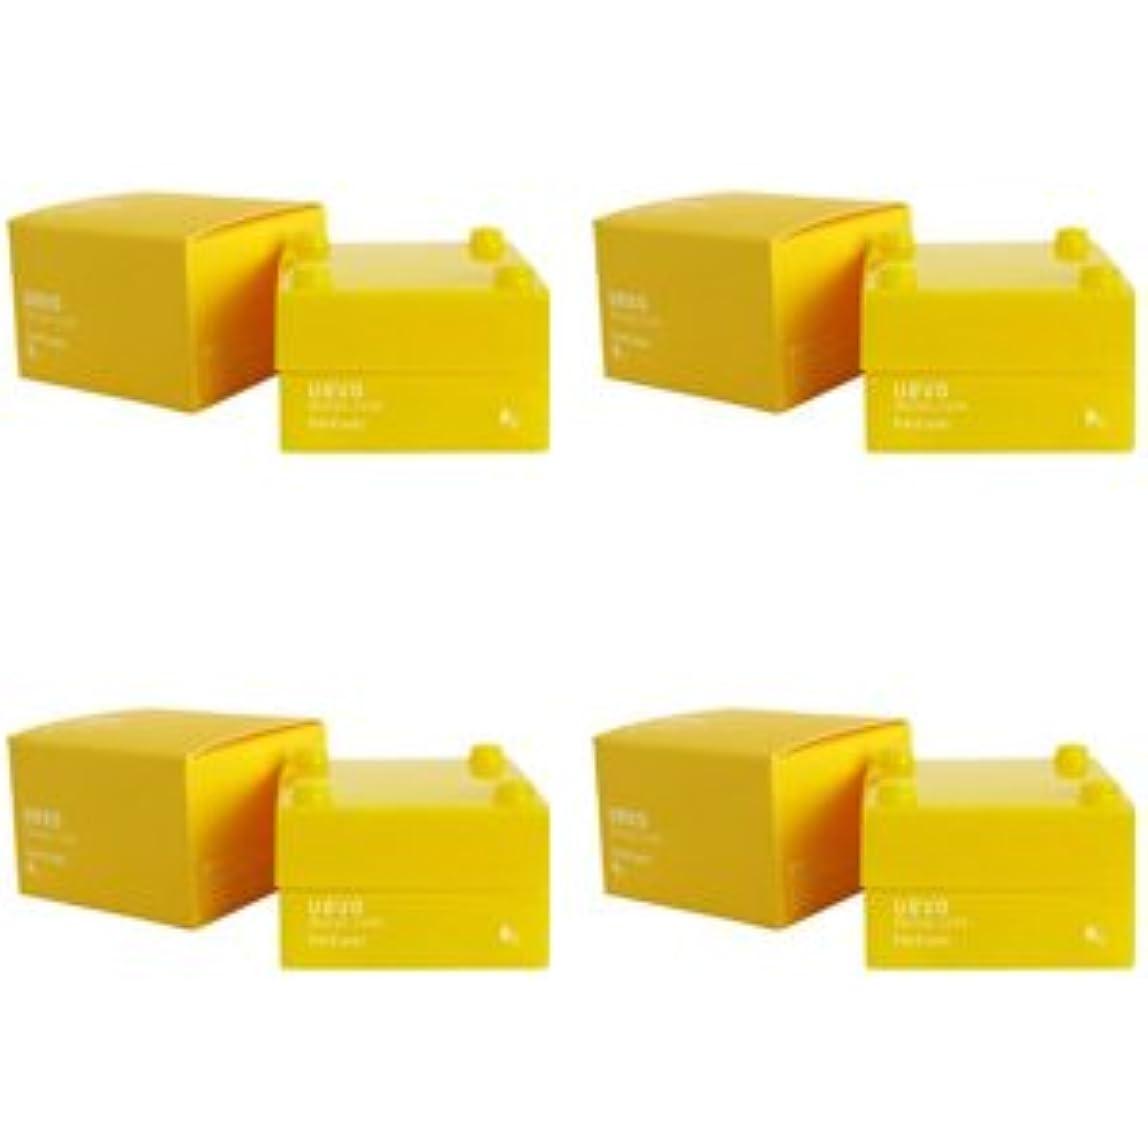 あさり些細ポーク【X4個セット】 デミ ウェーボ デザインキューブ ハードワックス 30g hard wax DEMI uevo design cube